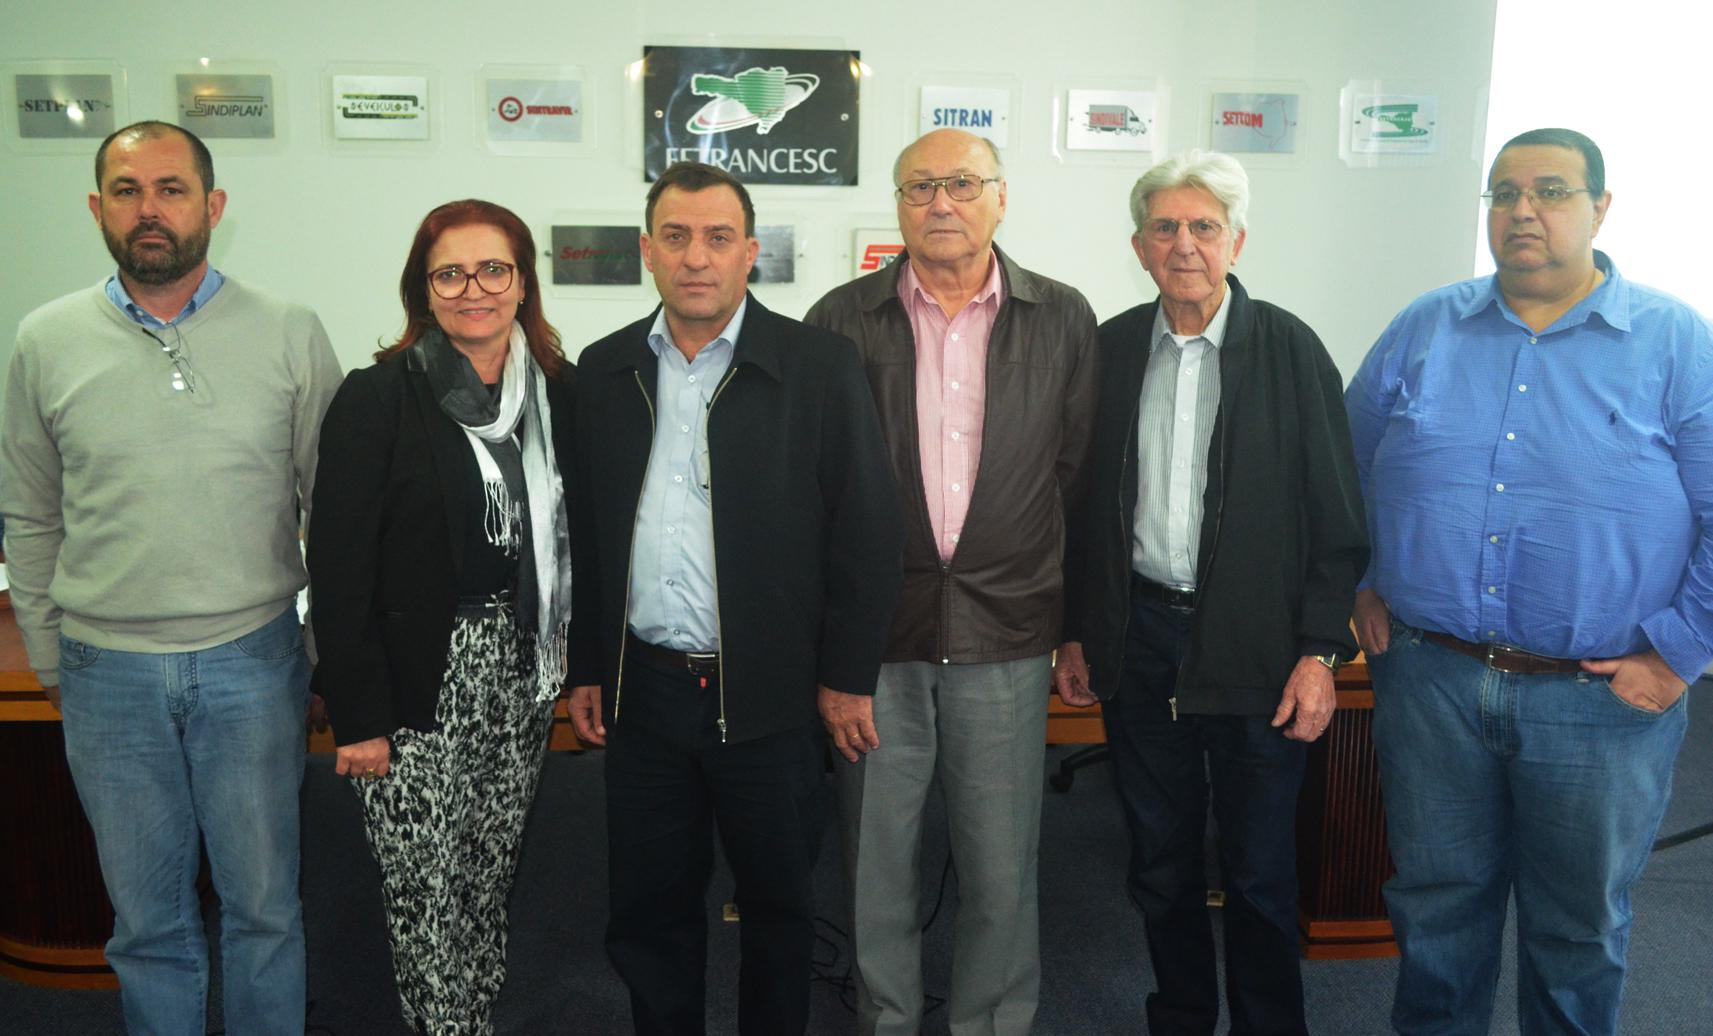 Sr. Irineu (4º da esquerda para a direita) e membros do Conselho Superior da Fetrancesc (Foto: Heloiza Abreu/Fetrancesc)